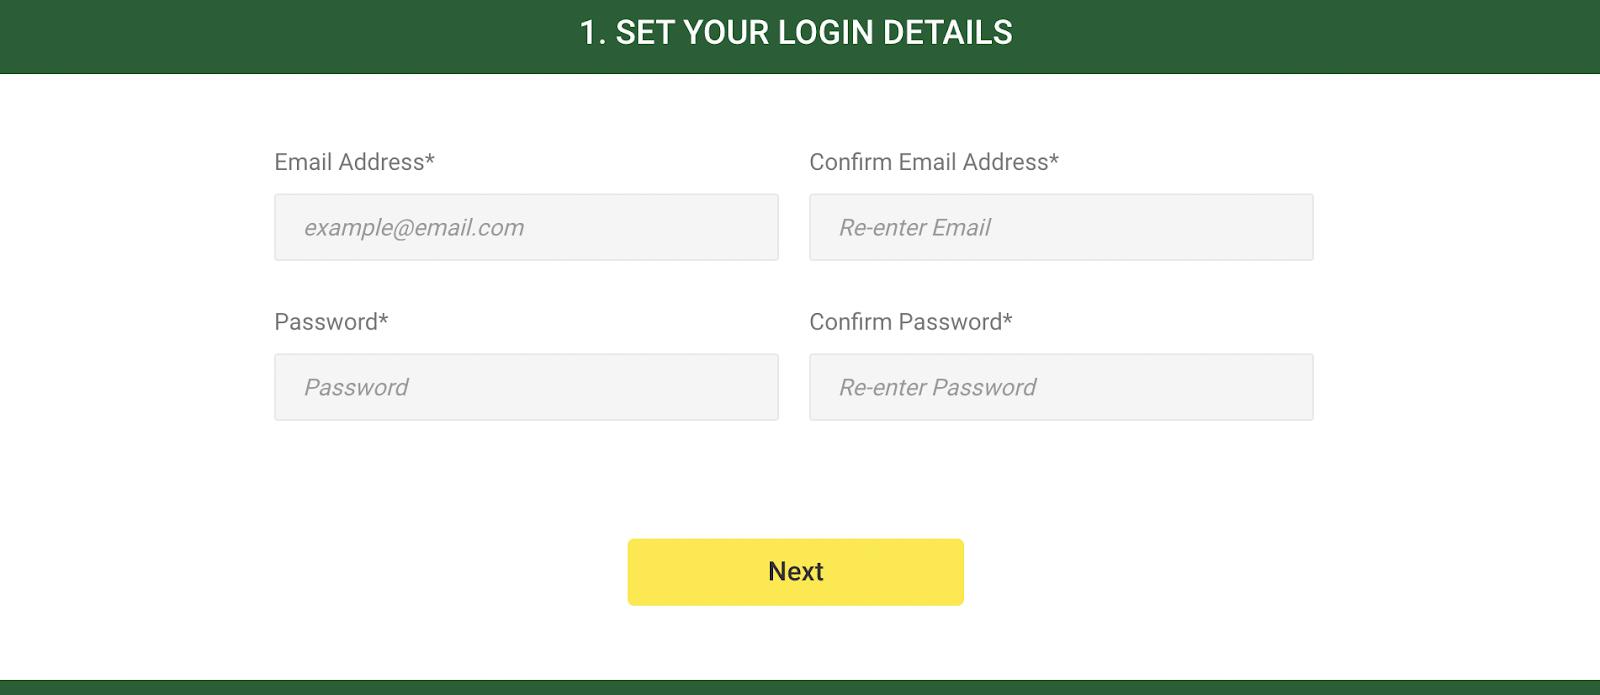 Unibet Online Casino - Login Details